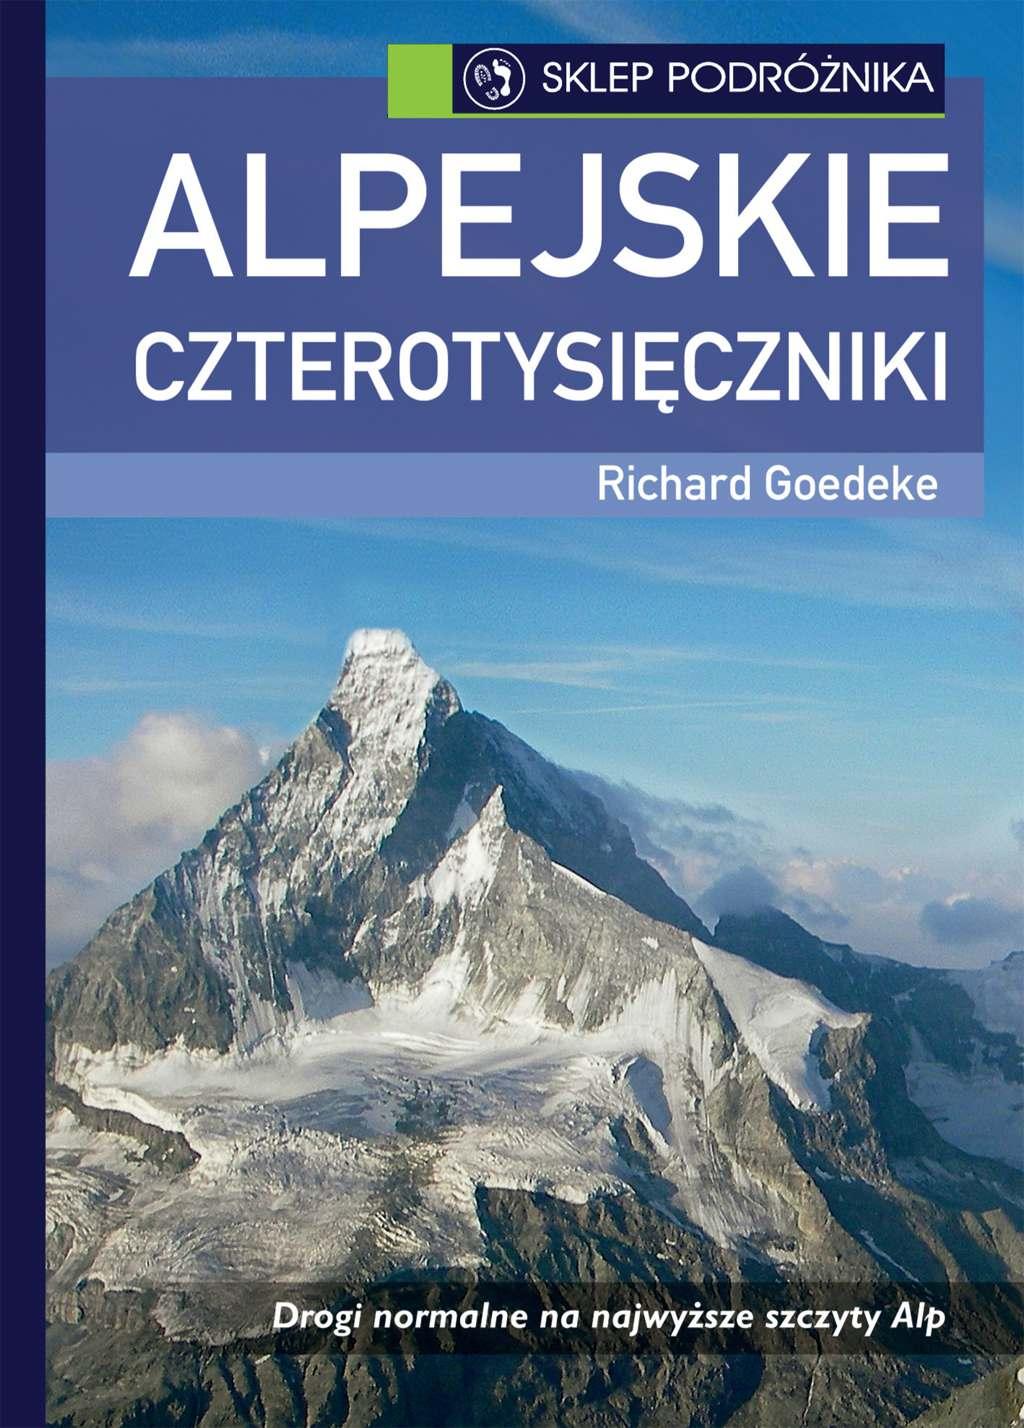 Alpejskie czterotysięczniki - Ebook (Książka na Kindle) do pobrania w formacie MOBI